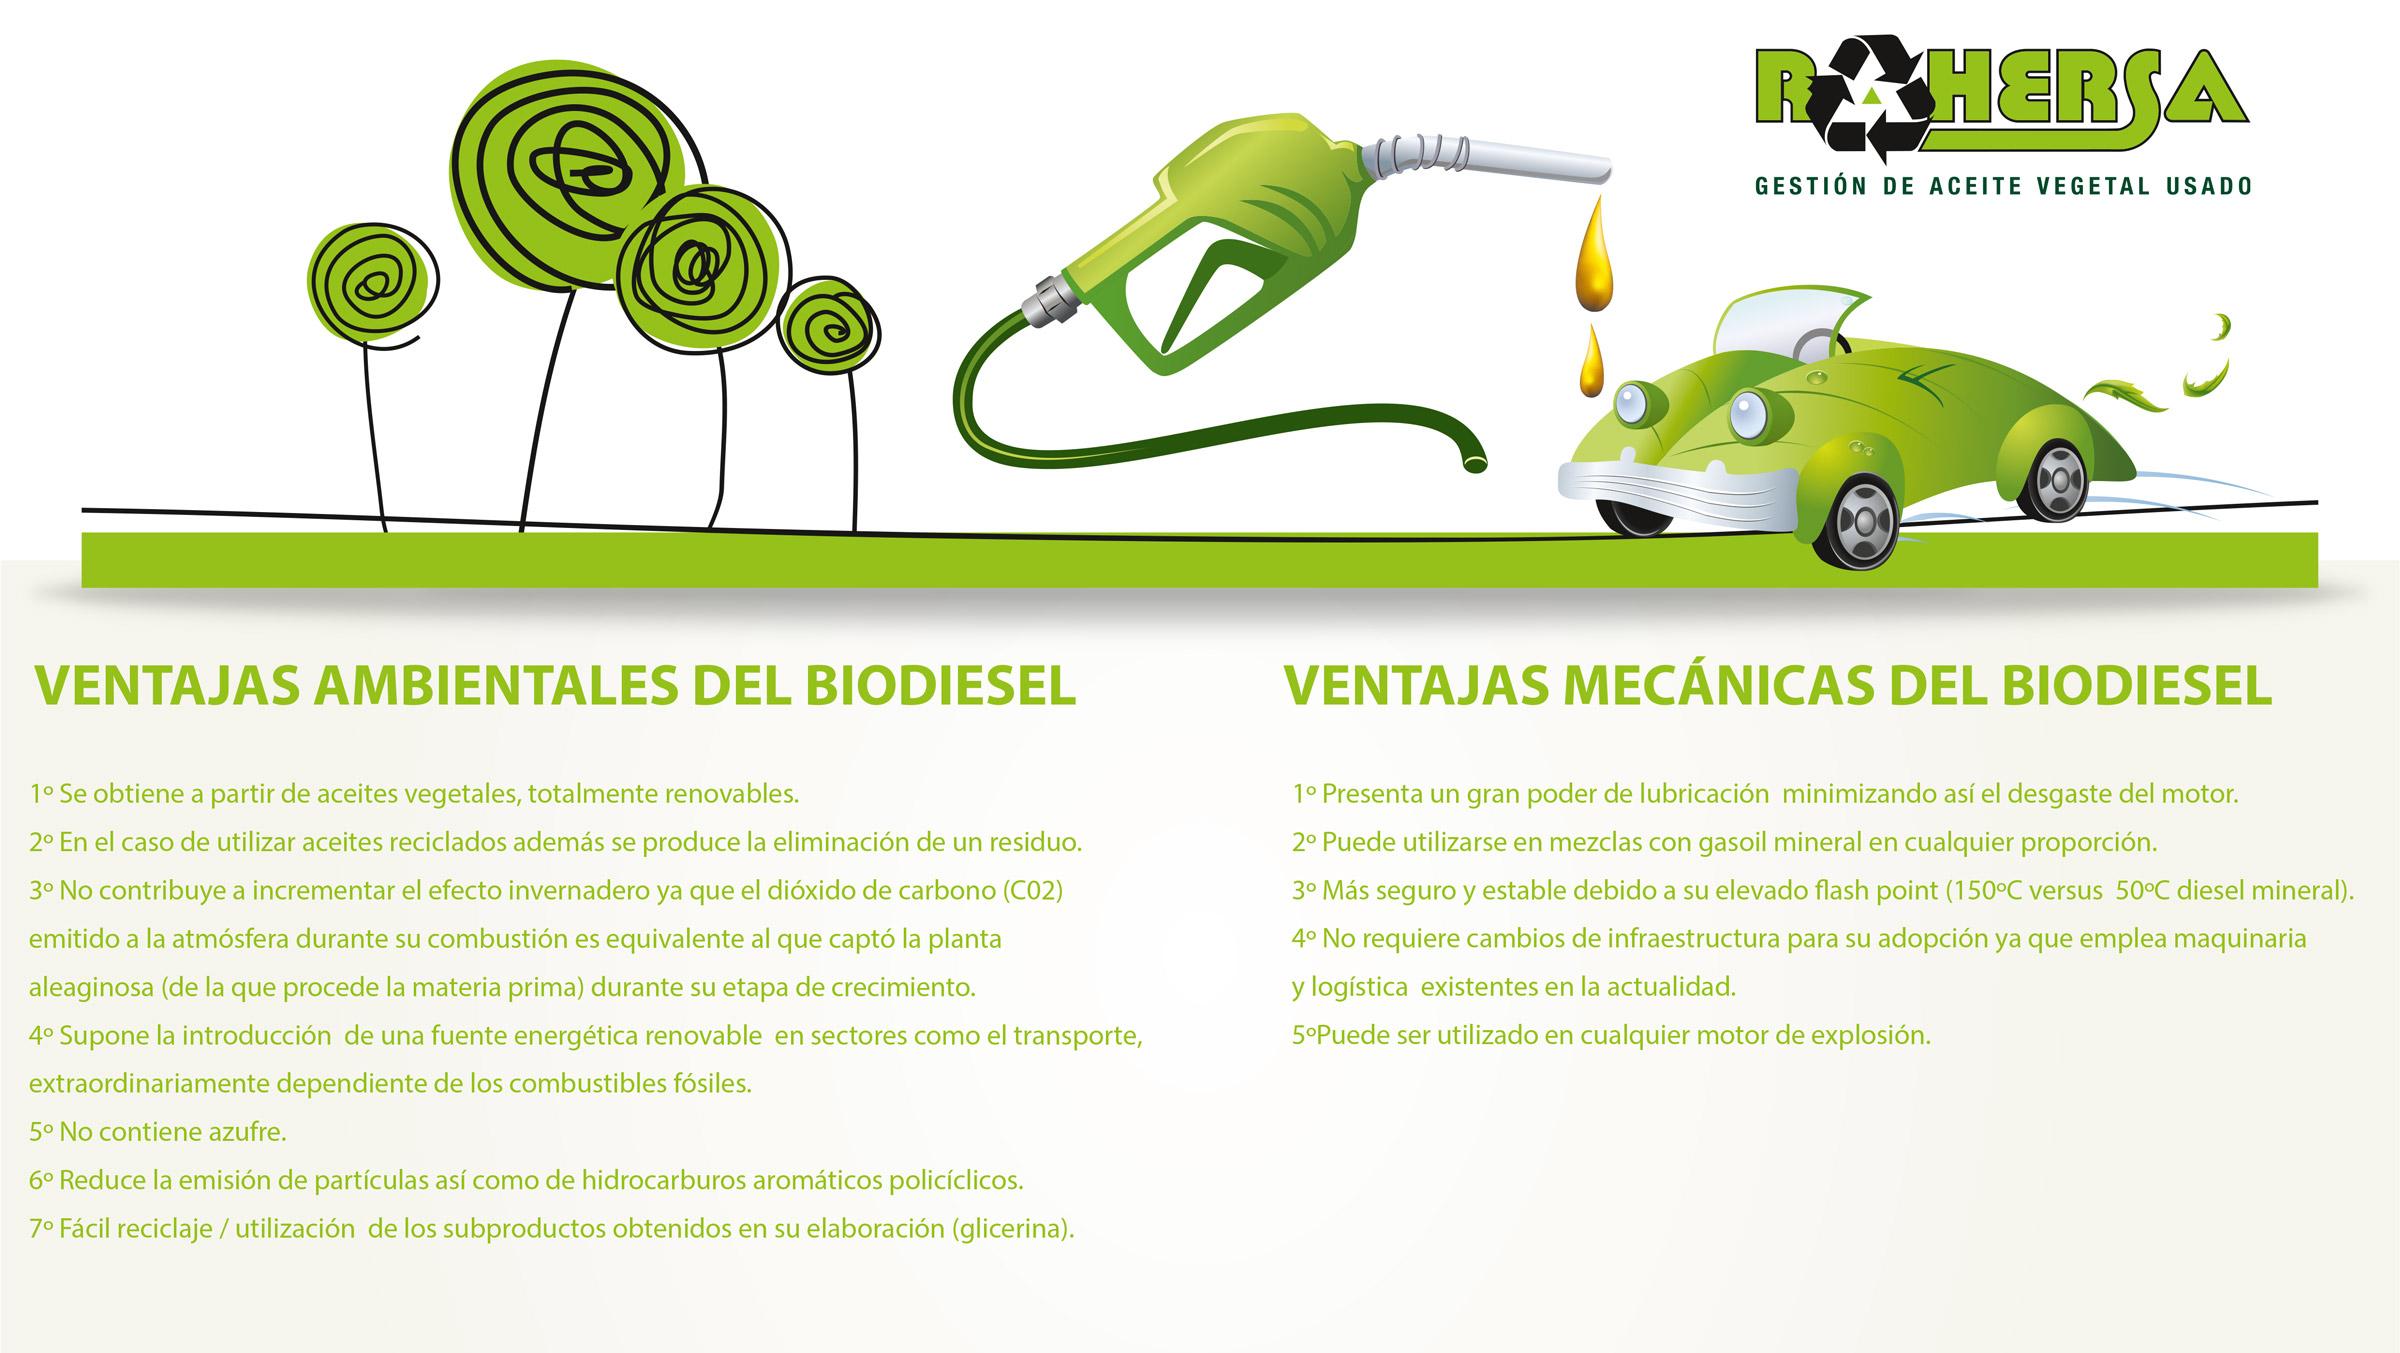 En Pocos Años El 20% De Lo Que Repostemos Será Biodiésel